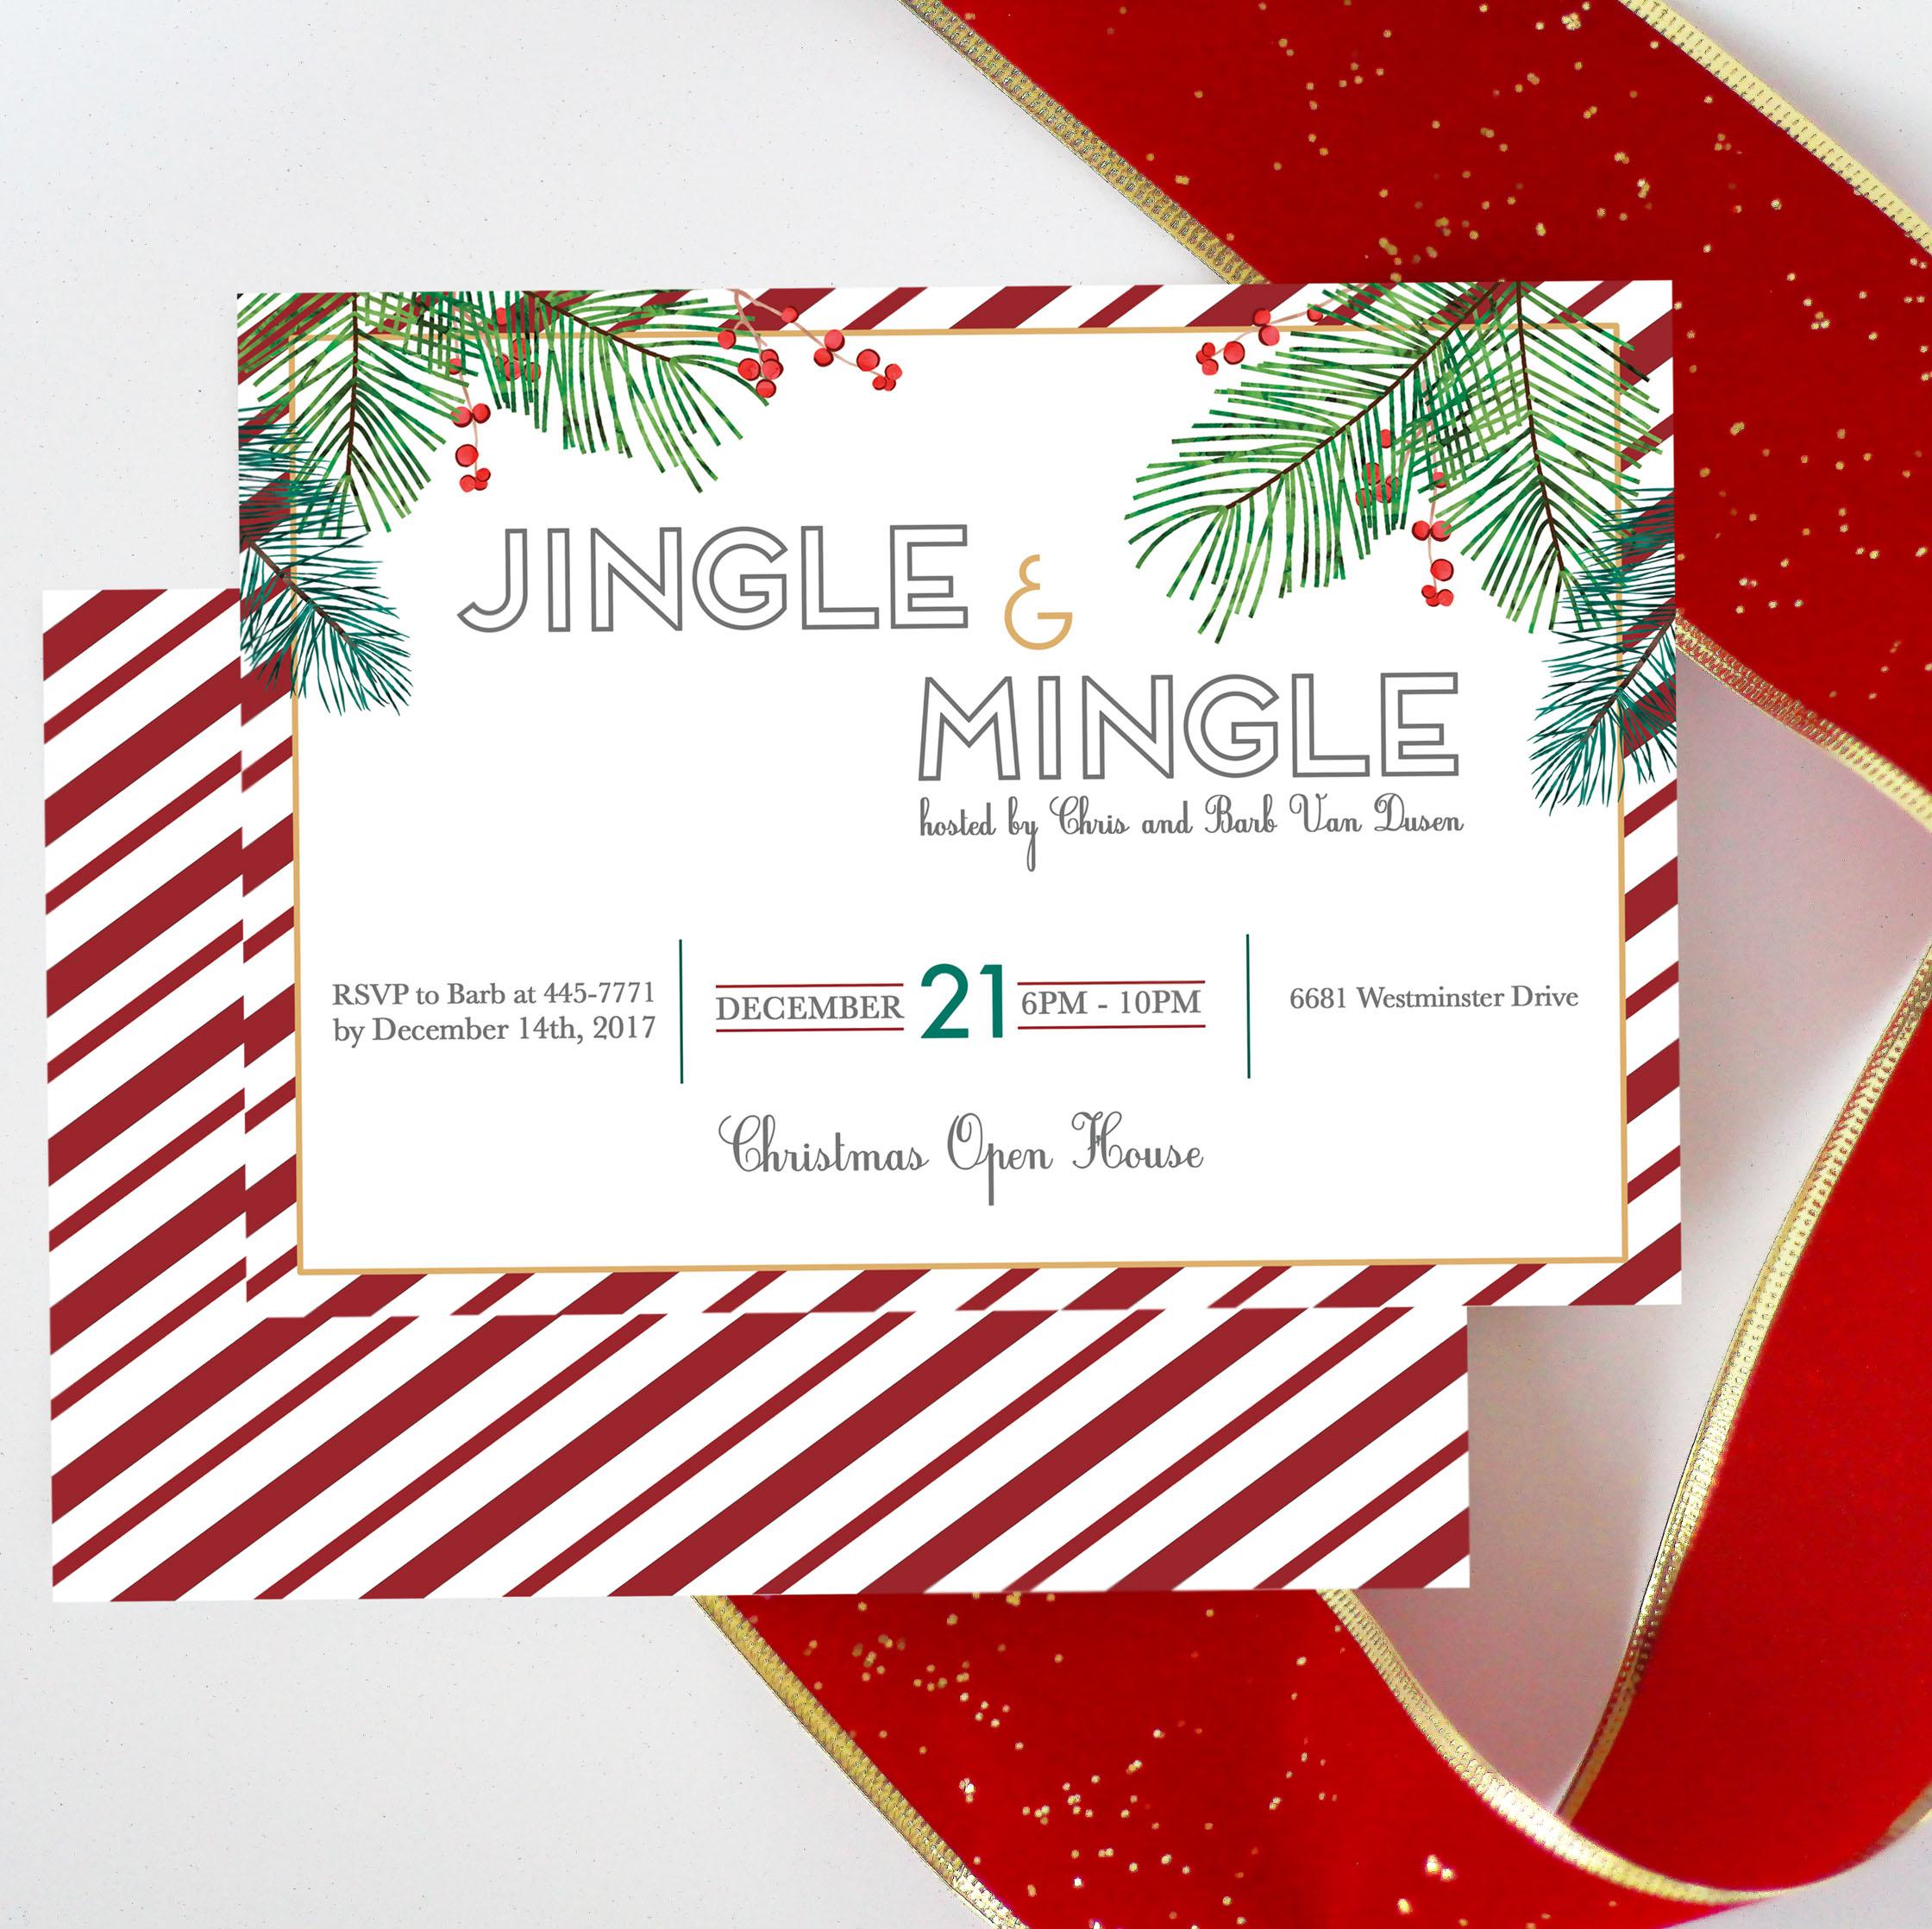 Mingle and Jingle Holiday Party Invitation